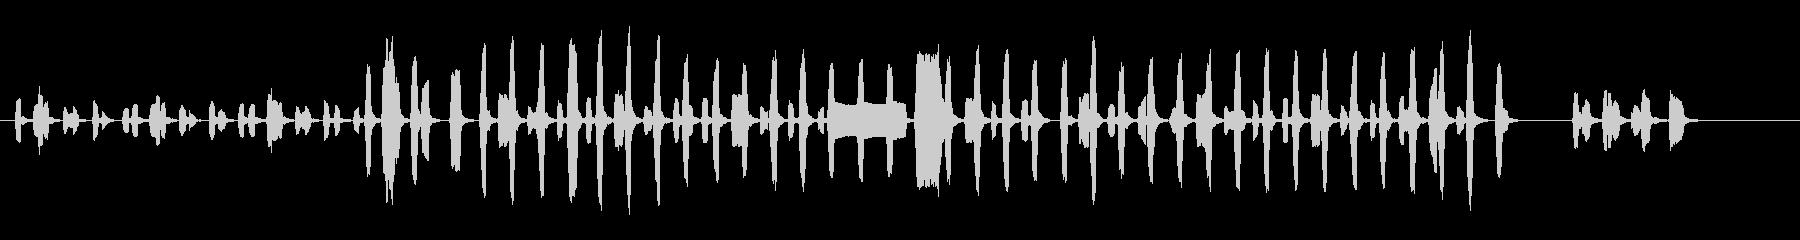 ピタゴラスイッチのパロディの未再生の波形